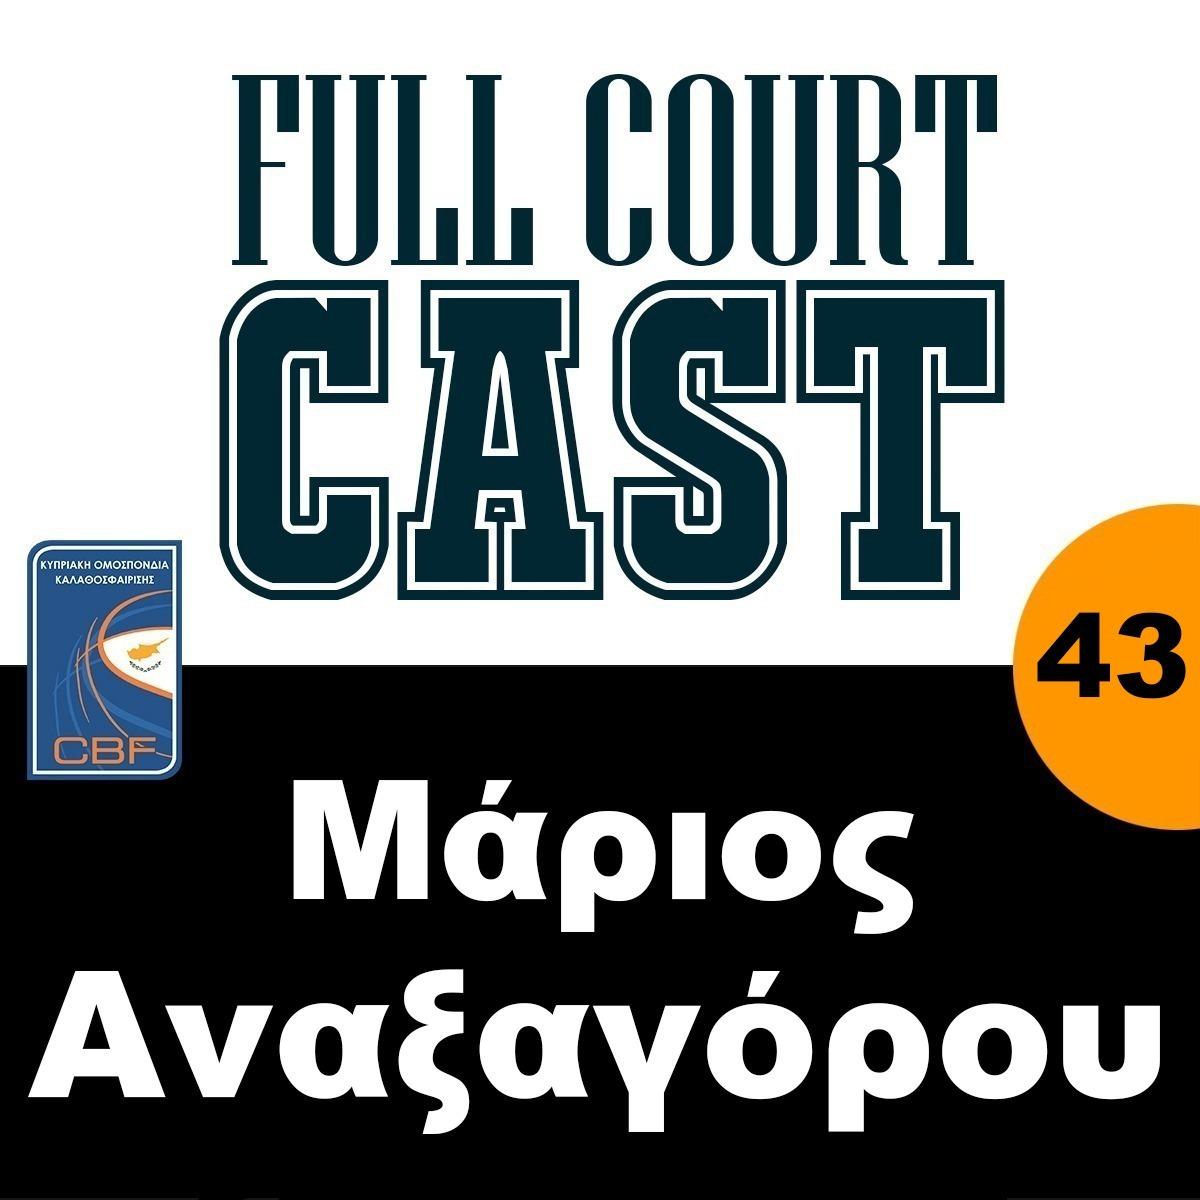 43 - Μάριος Αναξαγόρου